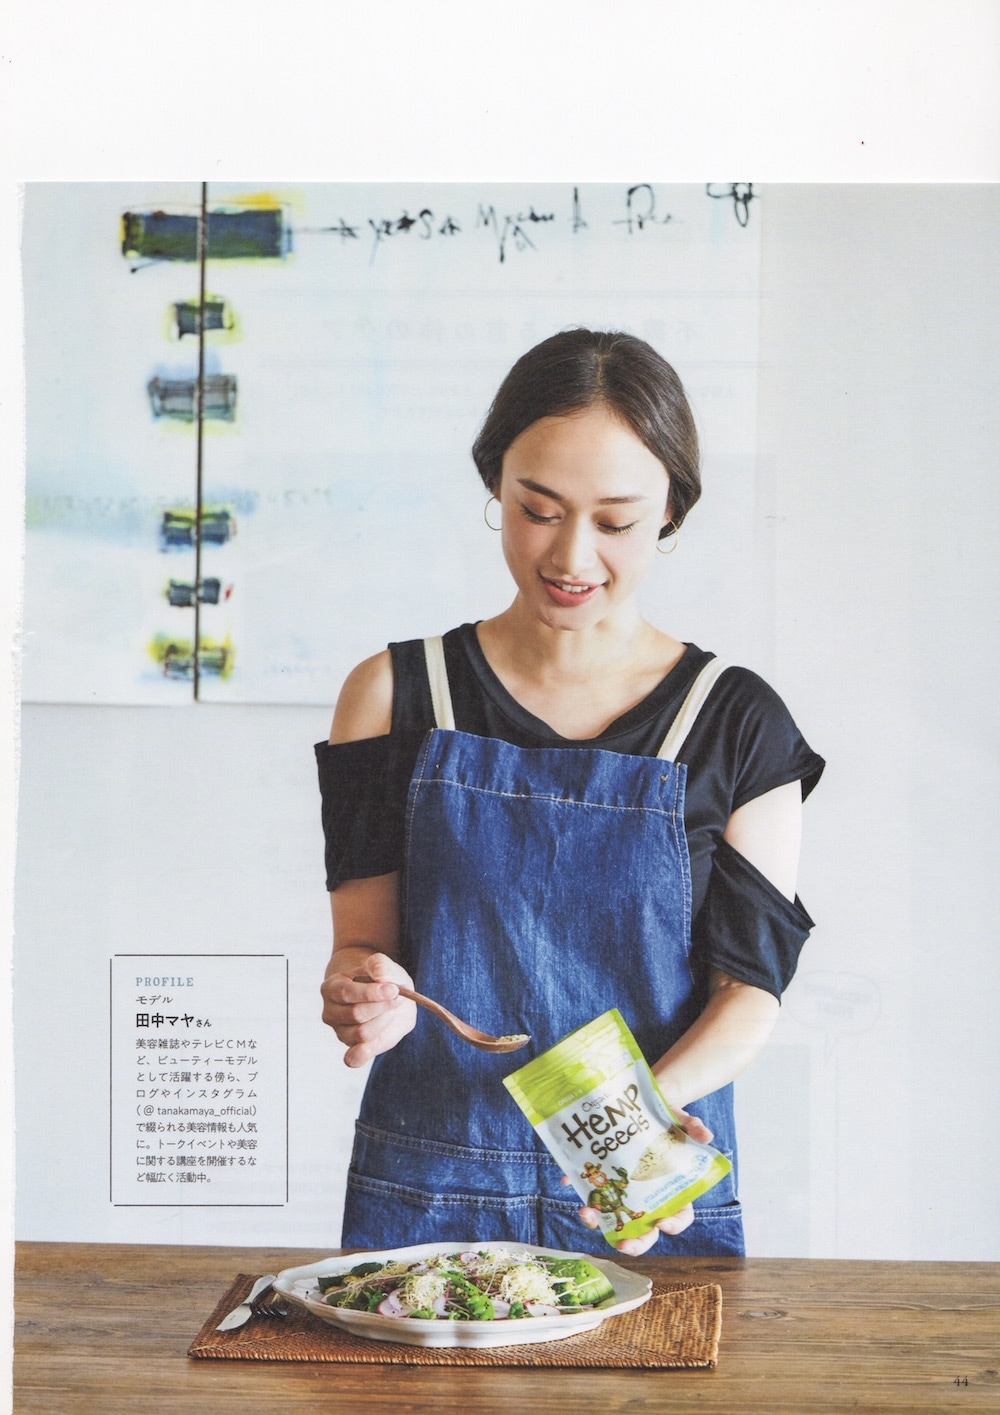 モデル田中マヤさんとヘンプシード